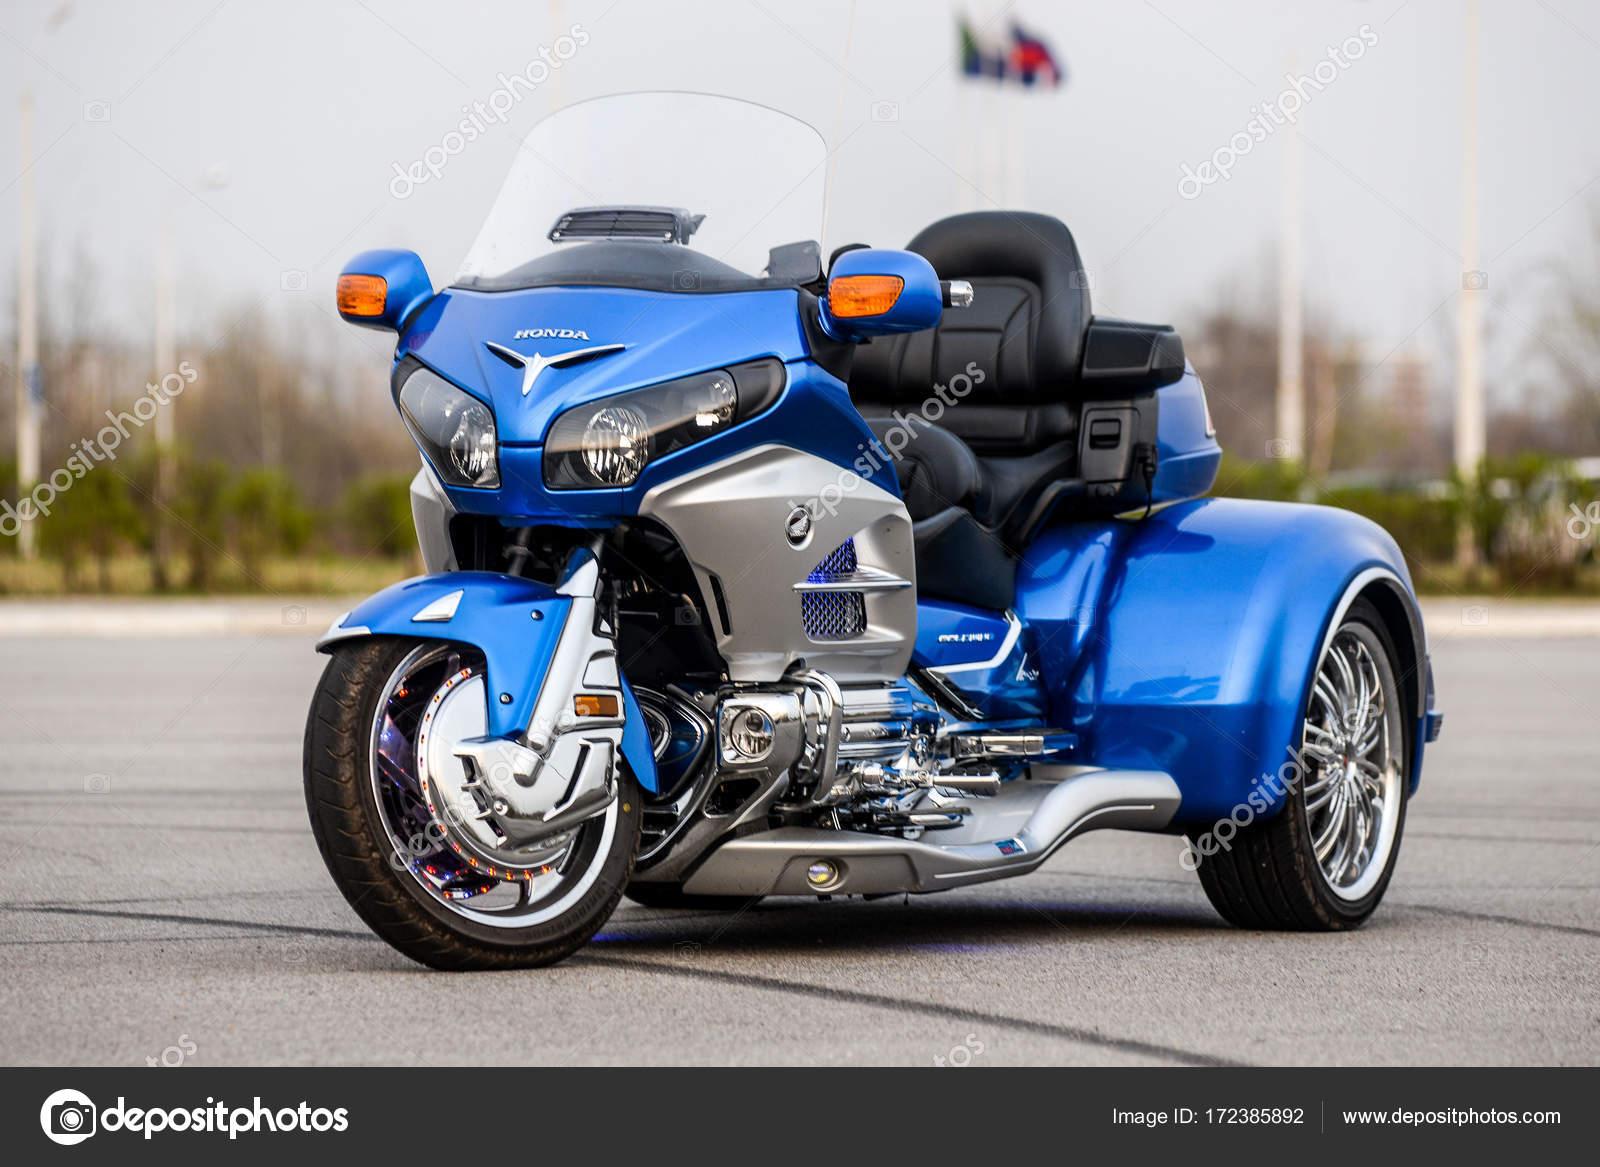 khabarovsk russia 3 maggio 2017 una moto a tre ruote. Black Bedroom Furniture Sets. Home Design Ideas